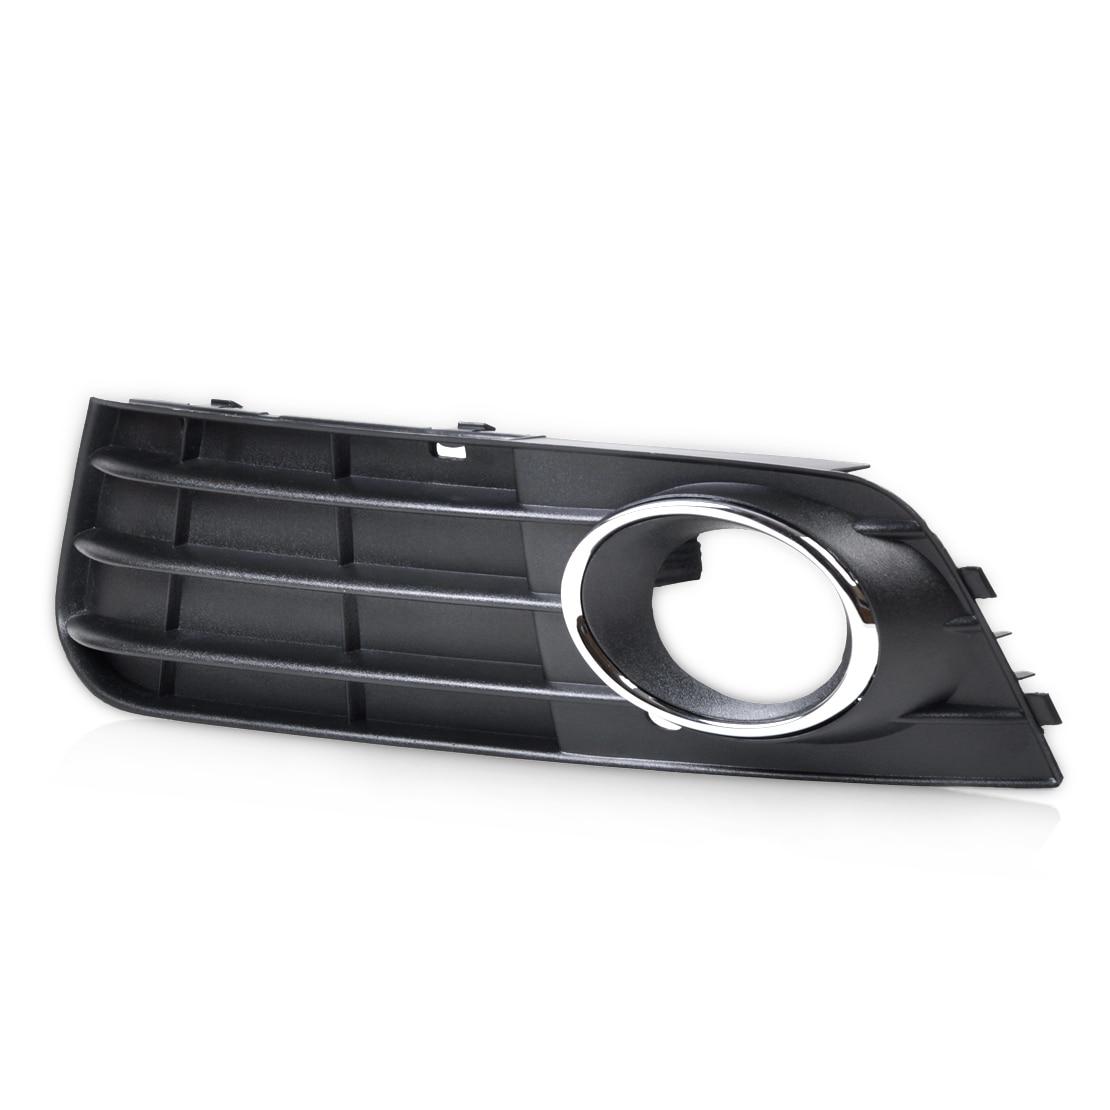 CITALL 8K0807681A01C 8K0807681A 1 шт. черный Передний левый бампер противотуманная фара крышка решетка для Audi A4 B8 2008 2009 2010 2011 2012